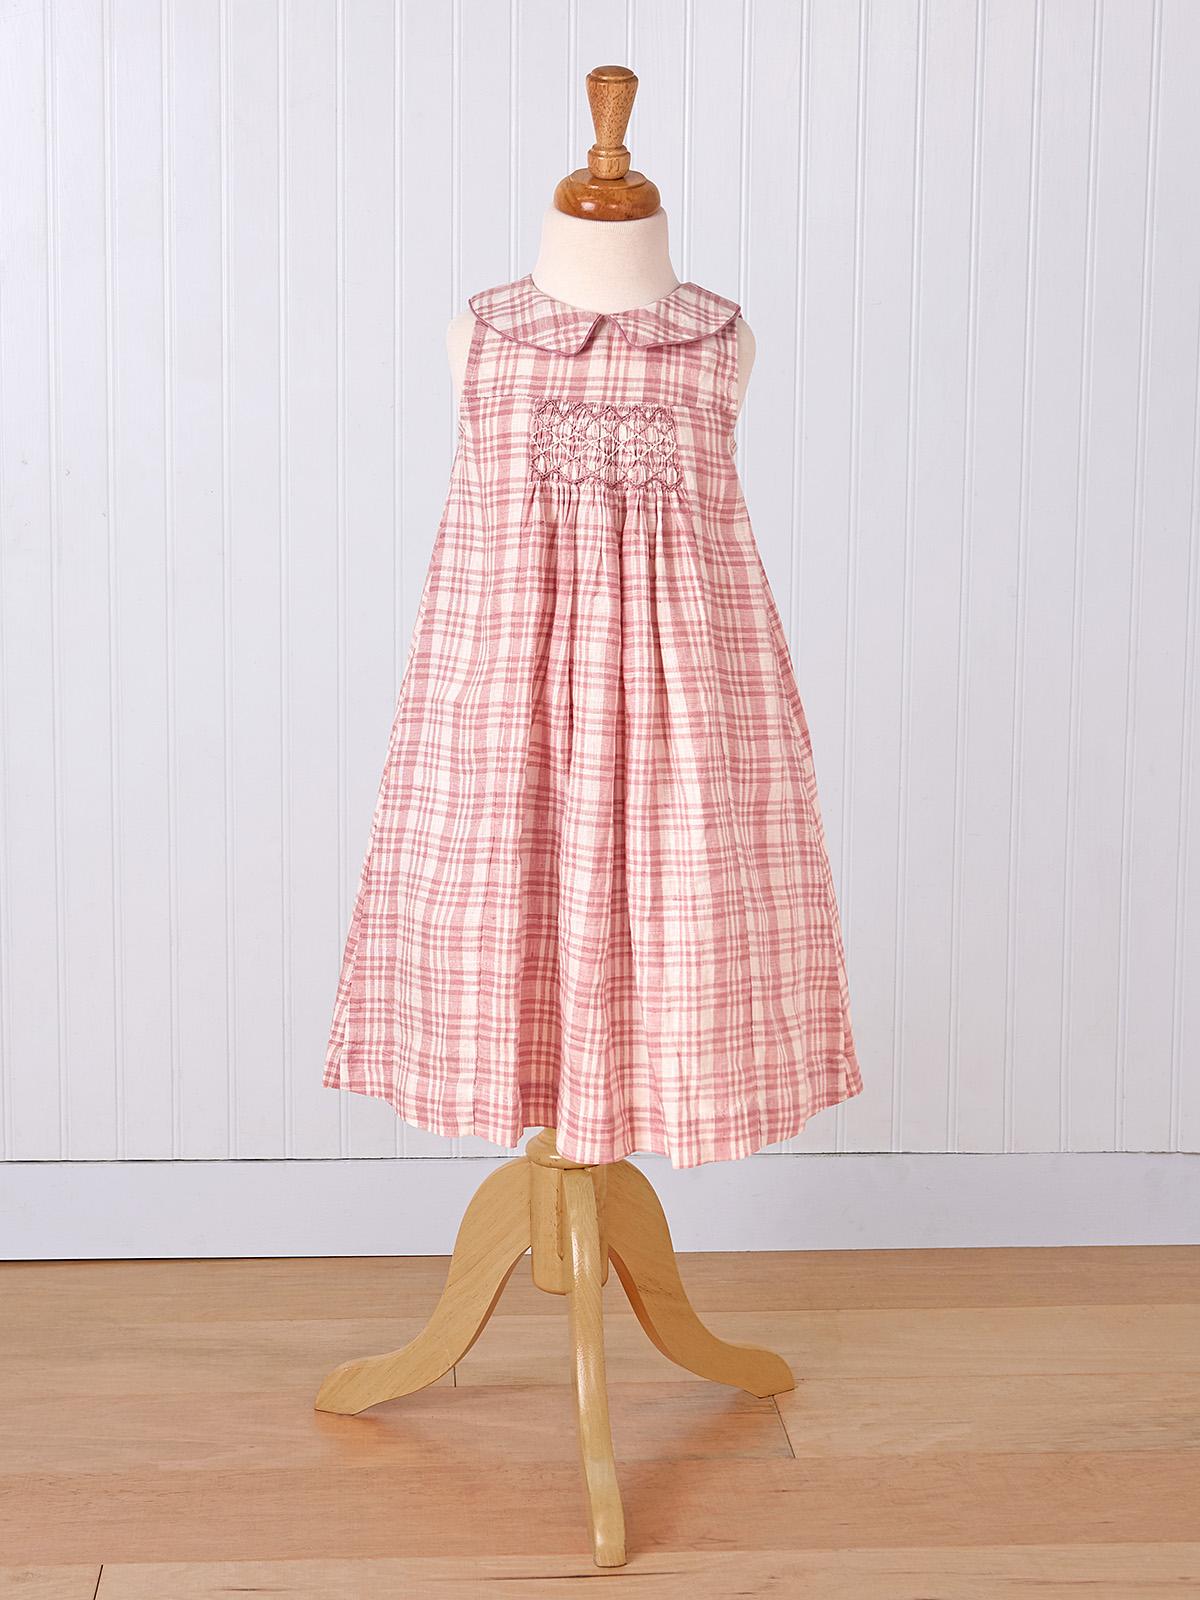 Rosy Linen Girls Dress